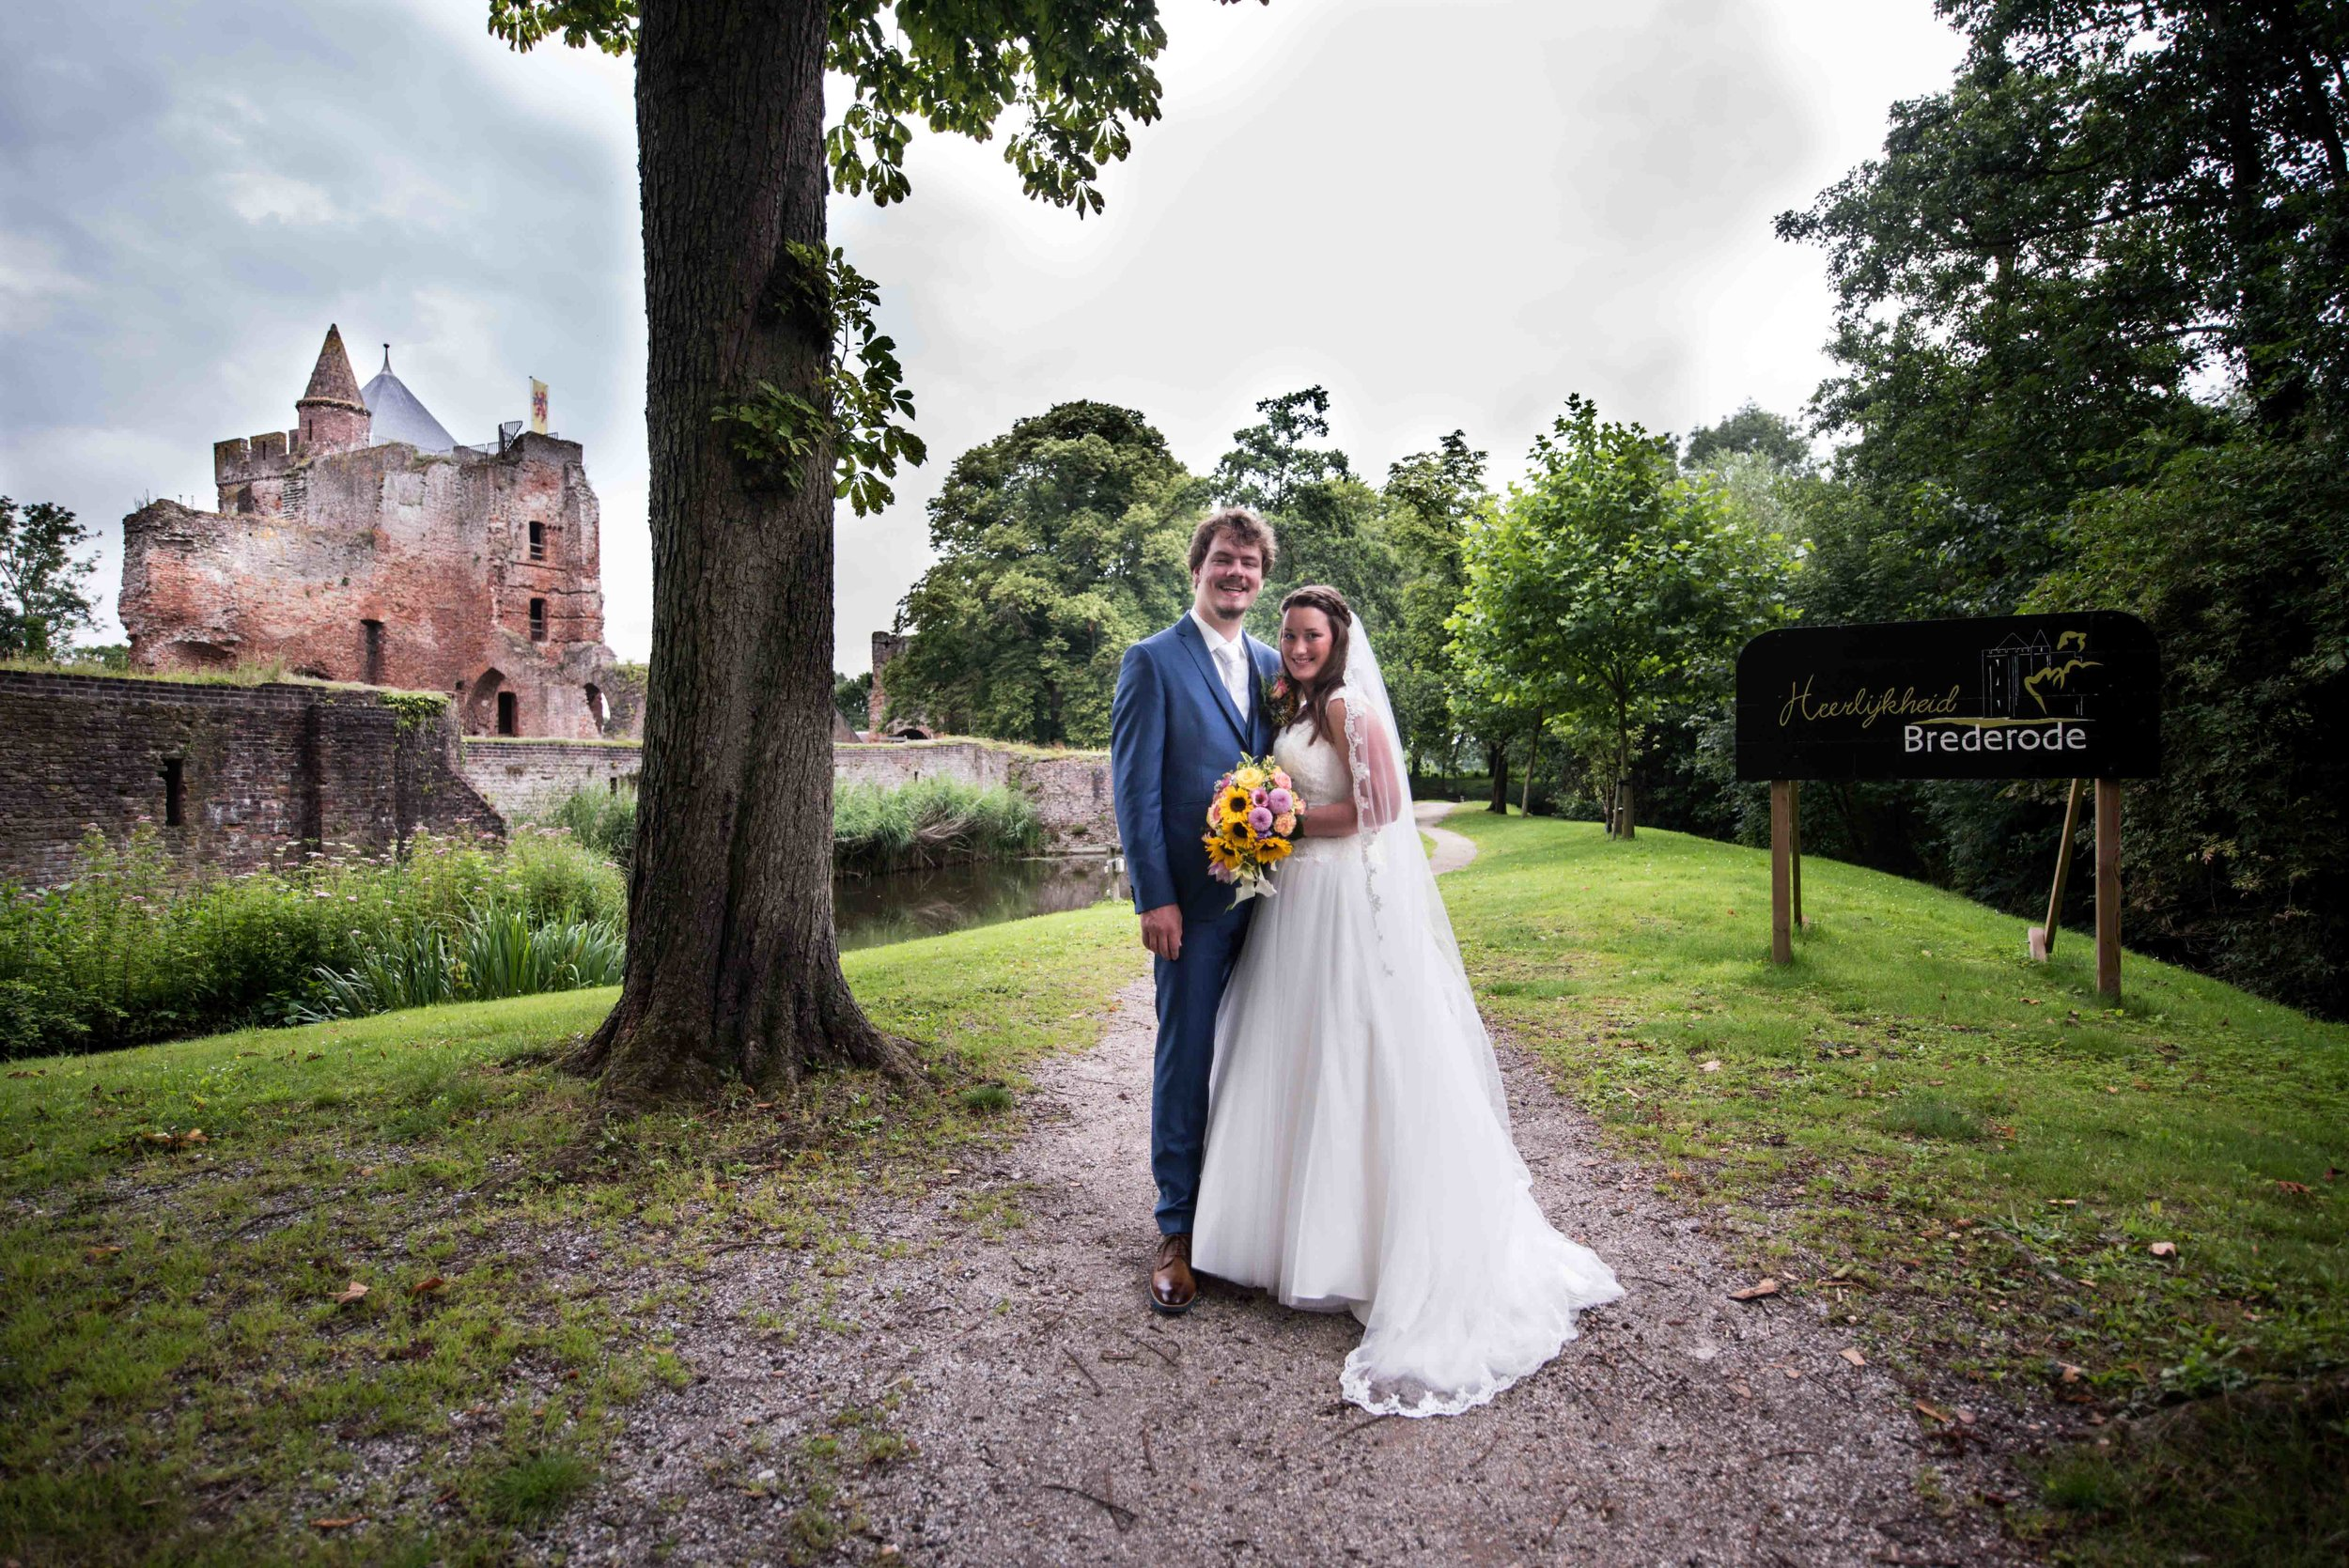 Bruiloft Rindert en Nathasja (394).jpg